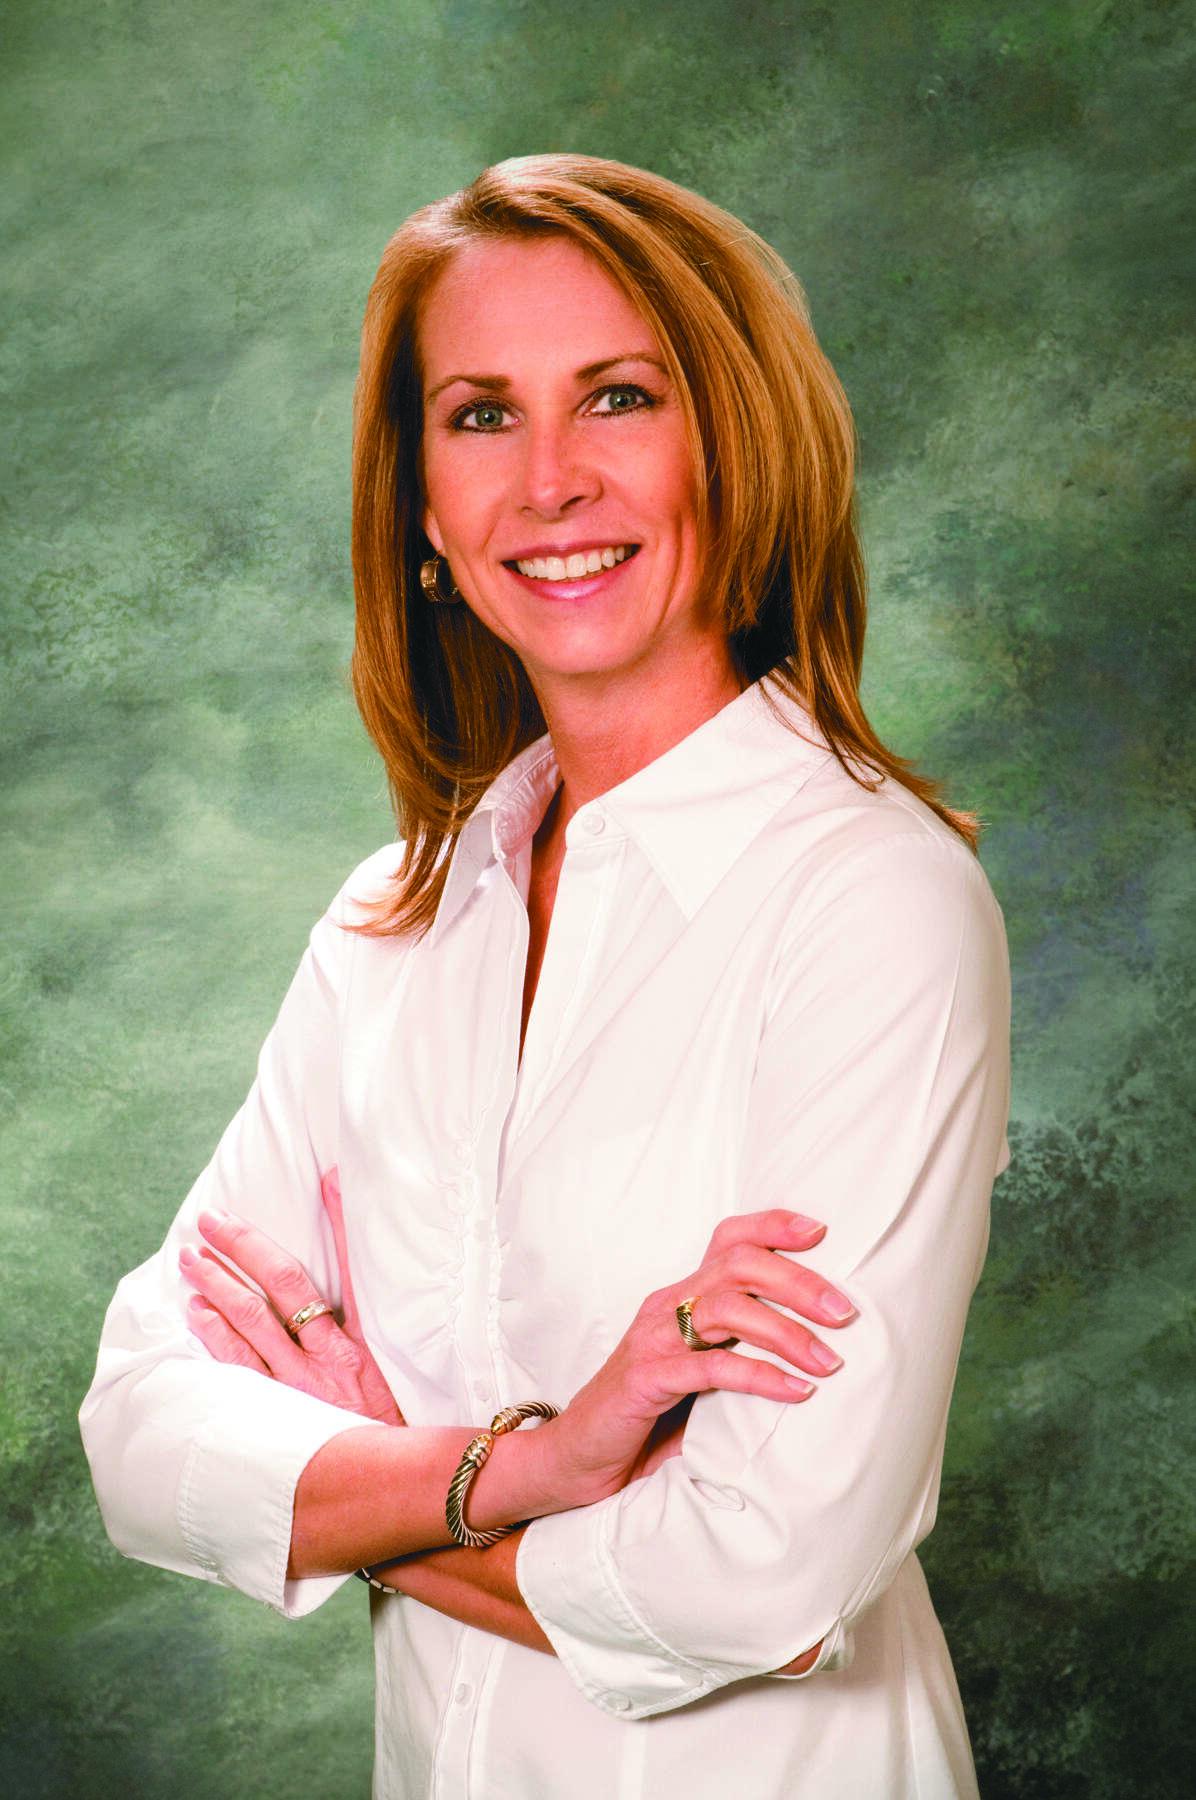 Cathy Goza